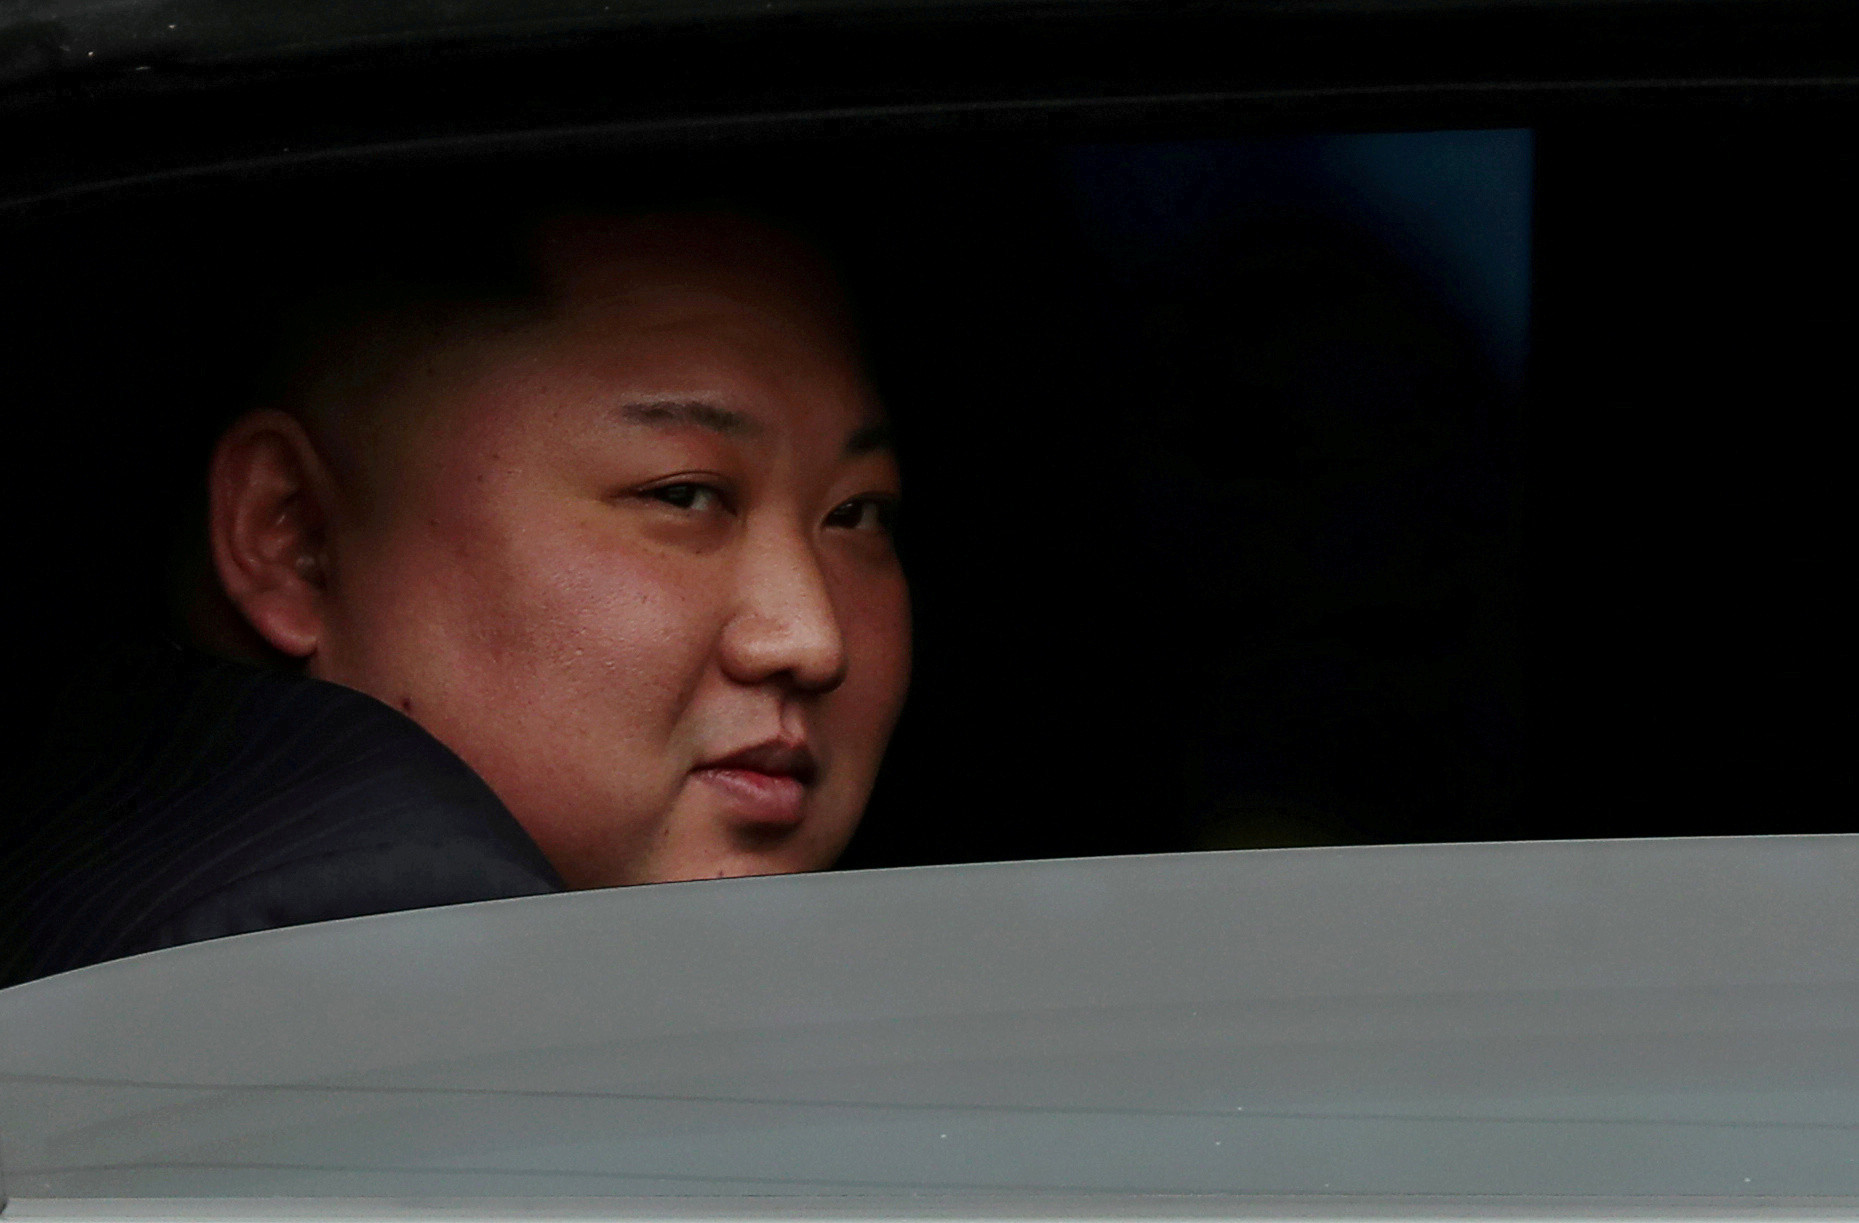 ▲▼「公務員之死」風暴演變至今第三天,北韓官媒仍舊保持沉默。(圖/路透社)